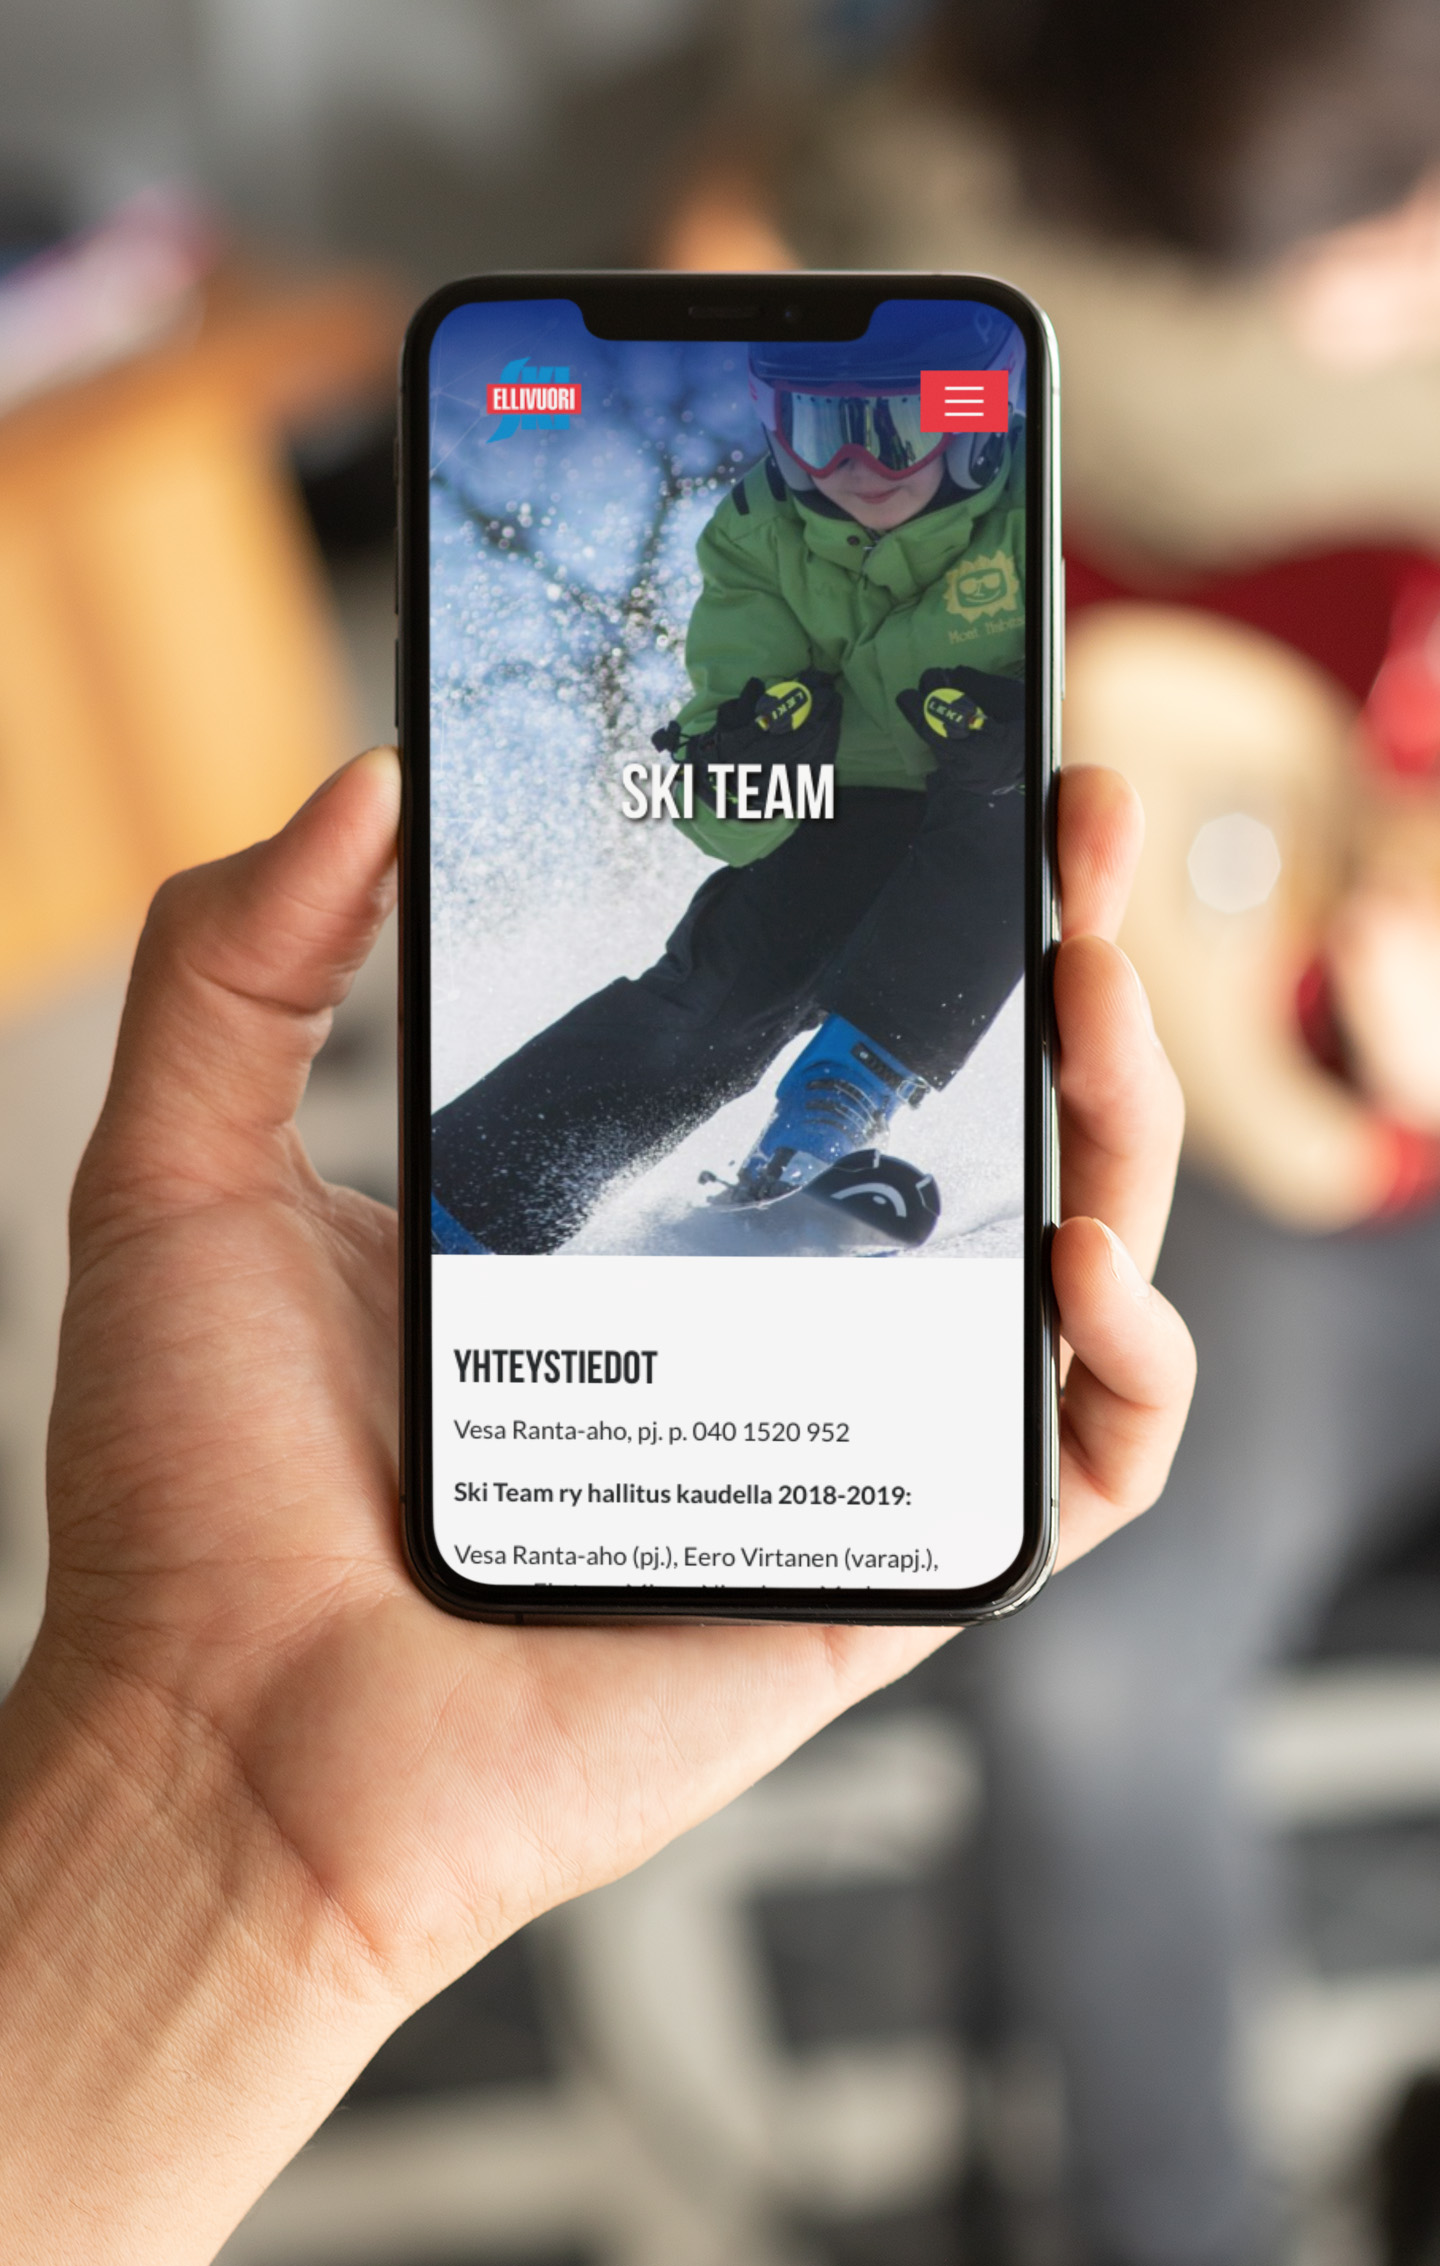 Ellivuori.fi Ski team sivu iPhone X:n näytöllä.